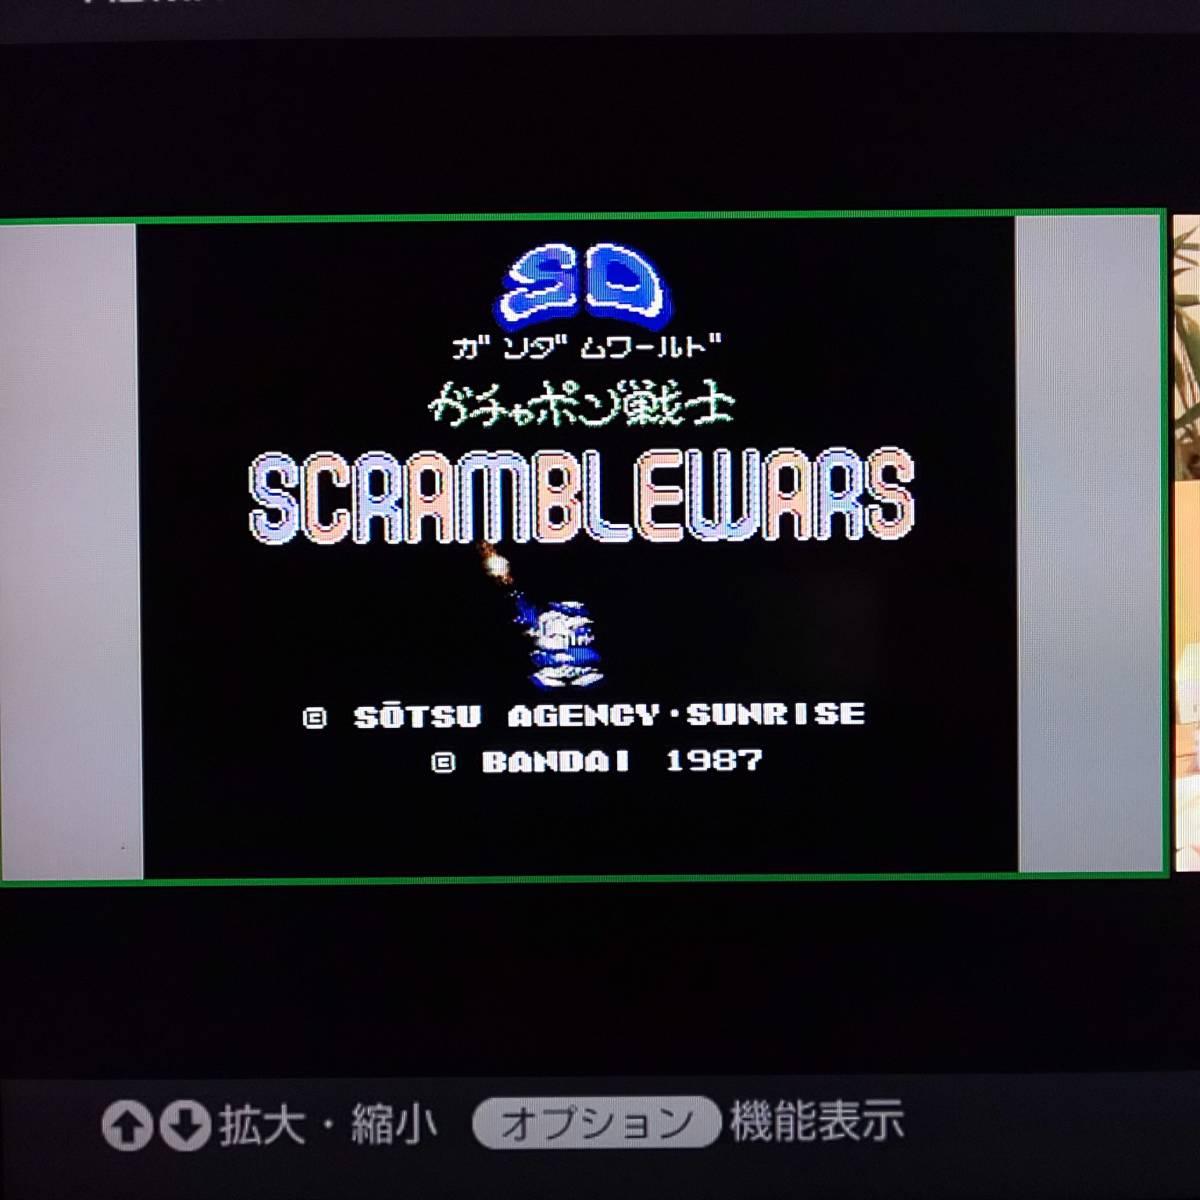 ファミコンディスク「SDガンダムワールド ガチャポン戦士スクランブルウォーズ」ディスクのみ_画像2